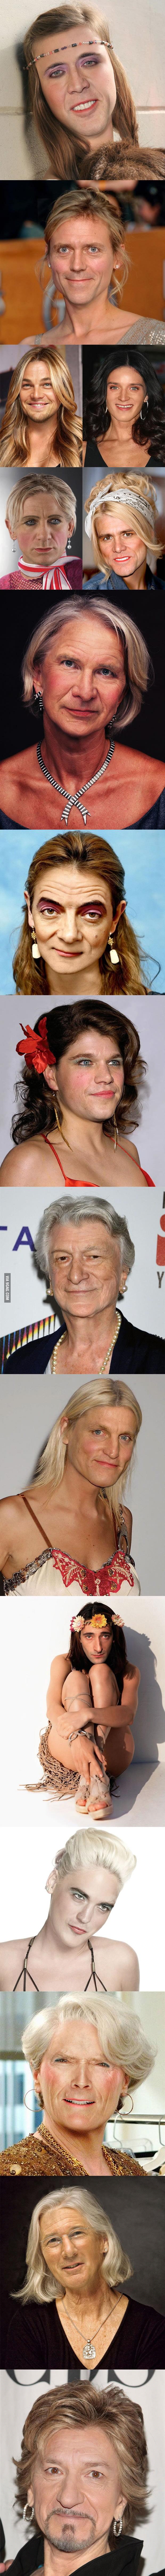 Celebrity Men as Women